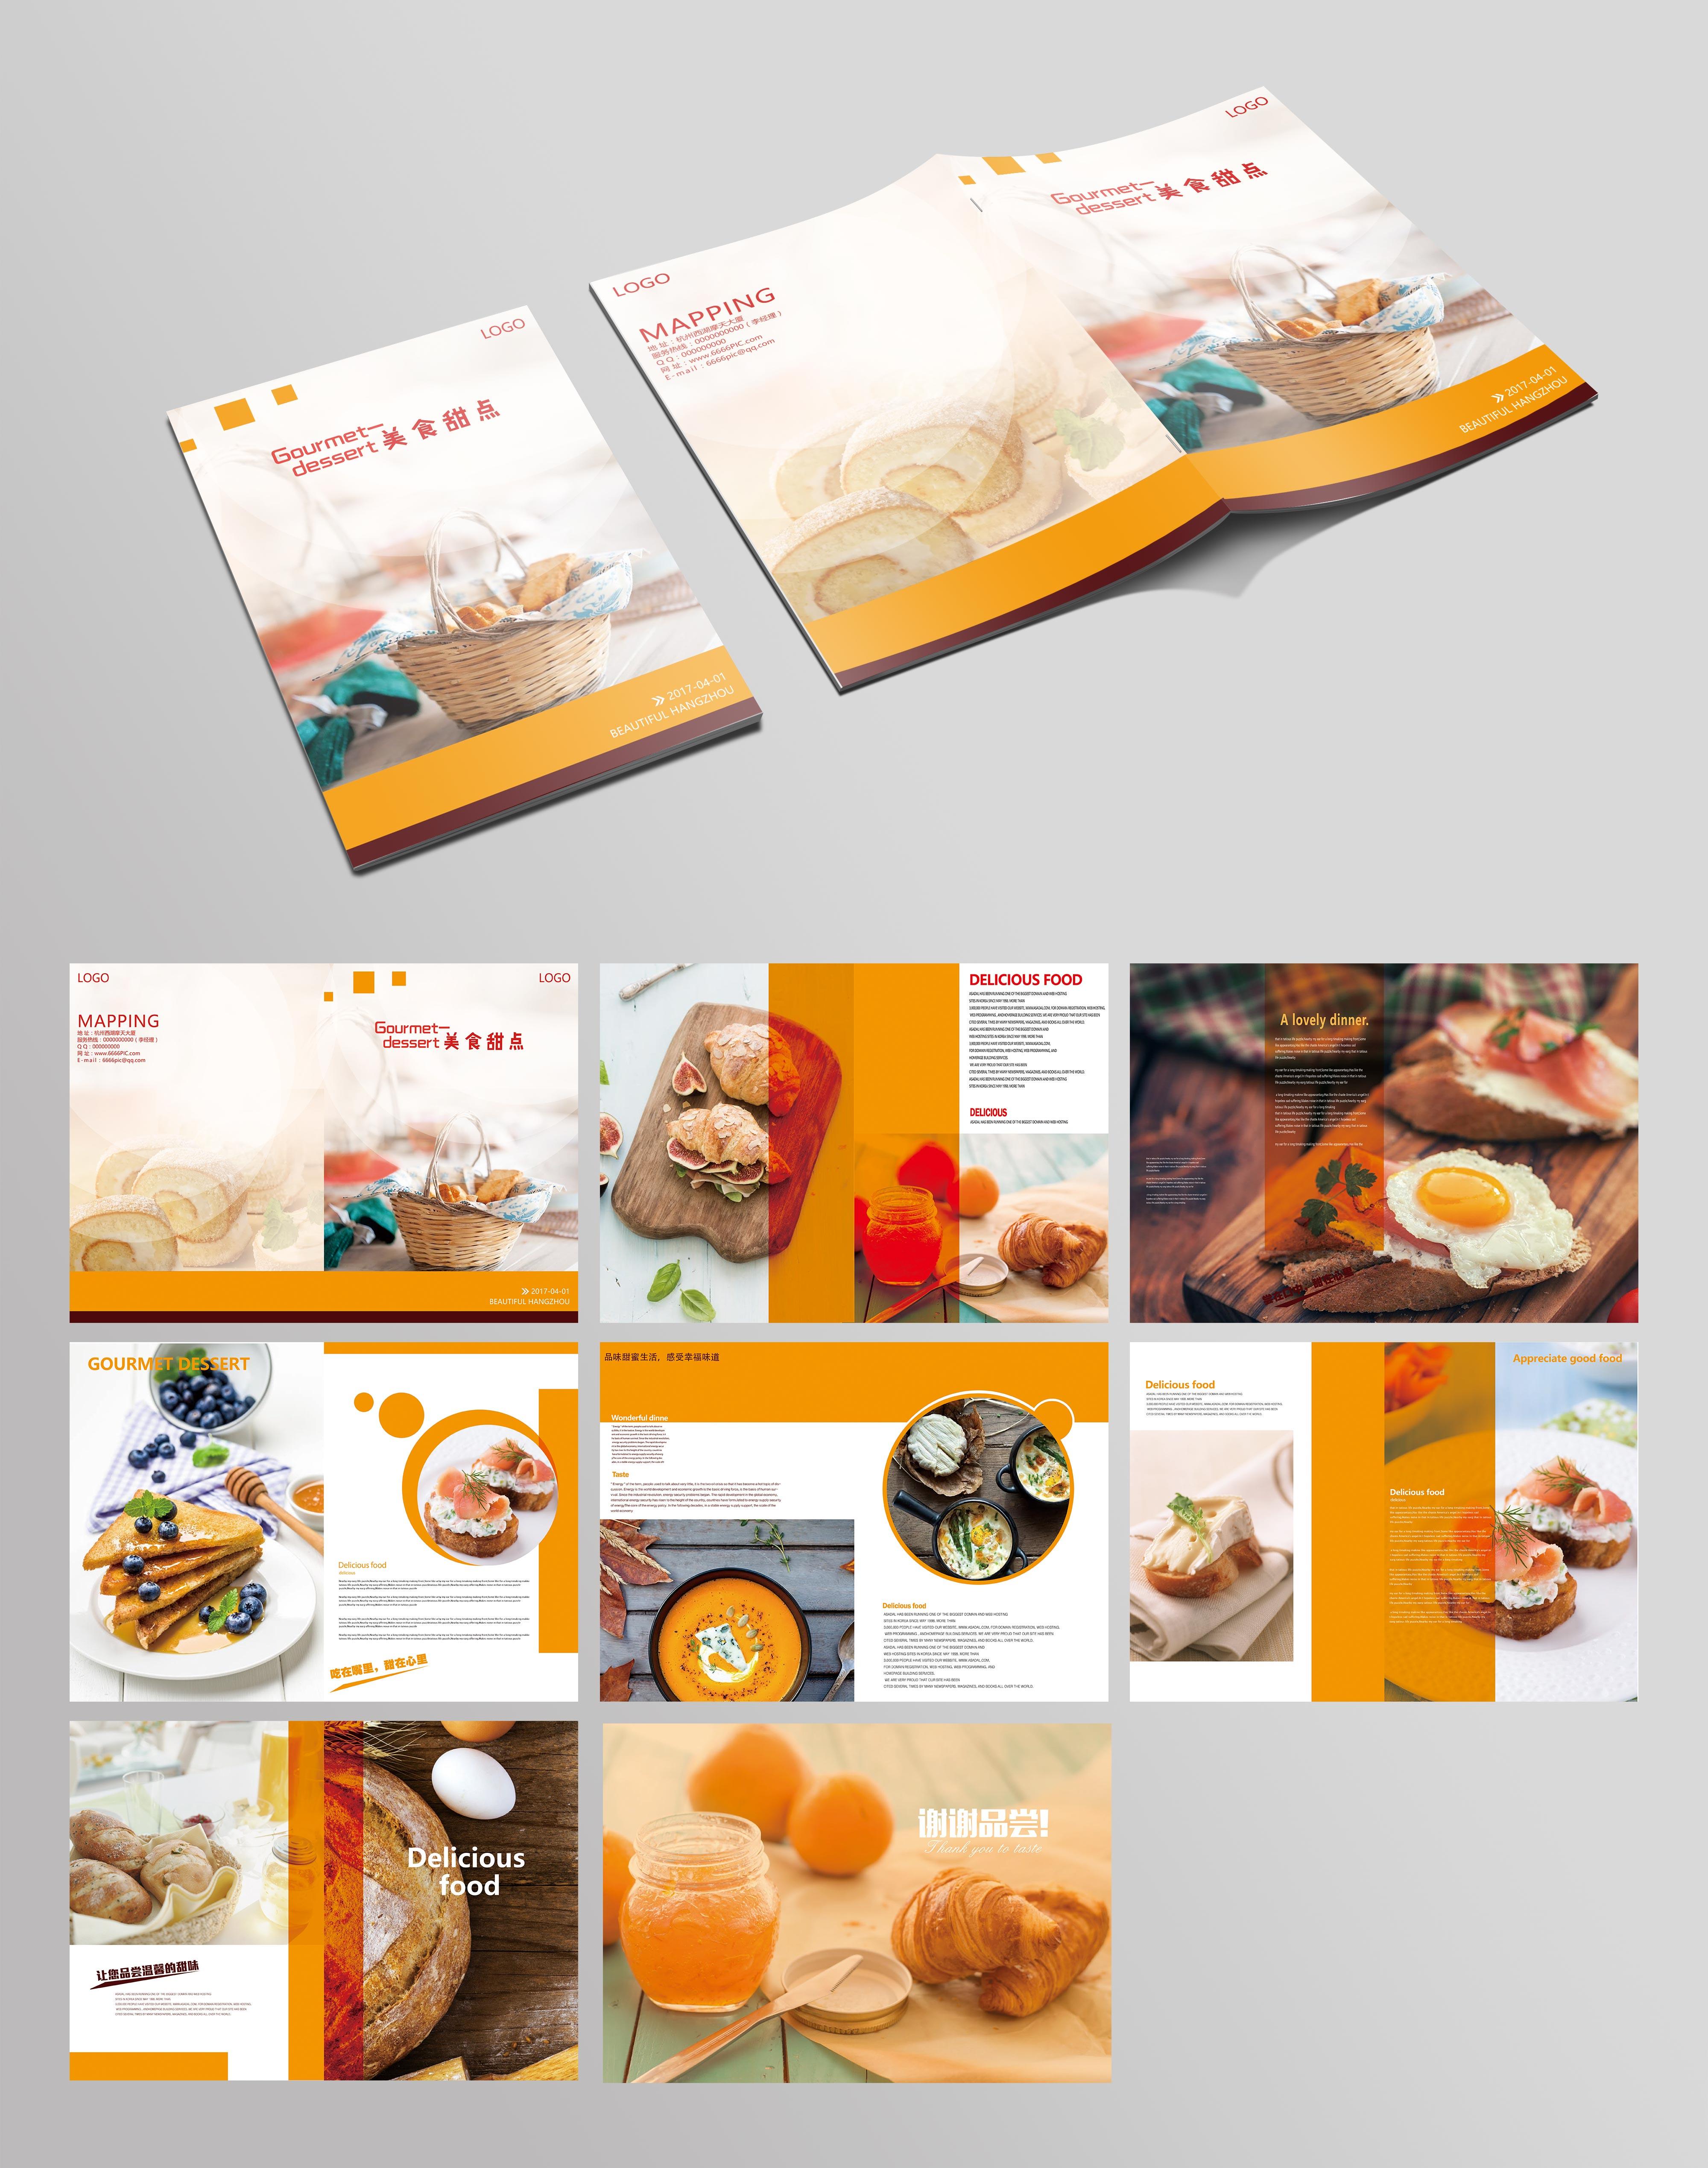 美食画册设计(整)图片